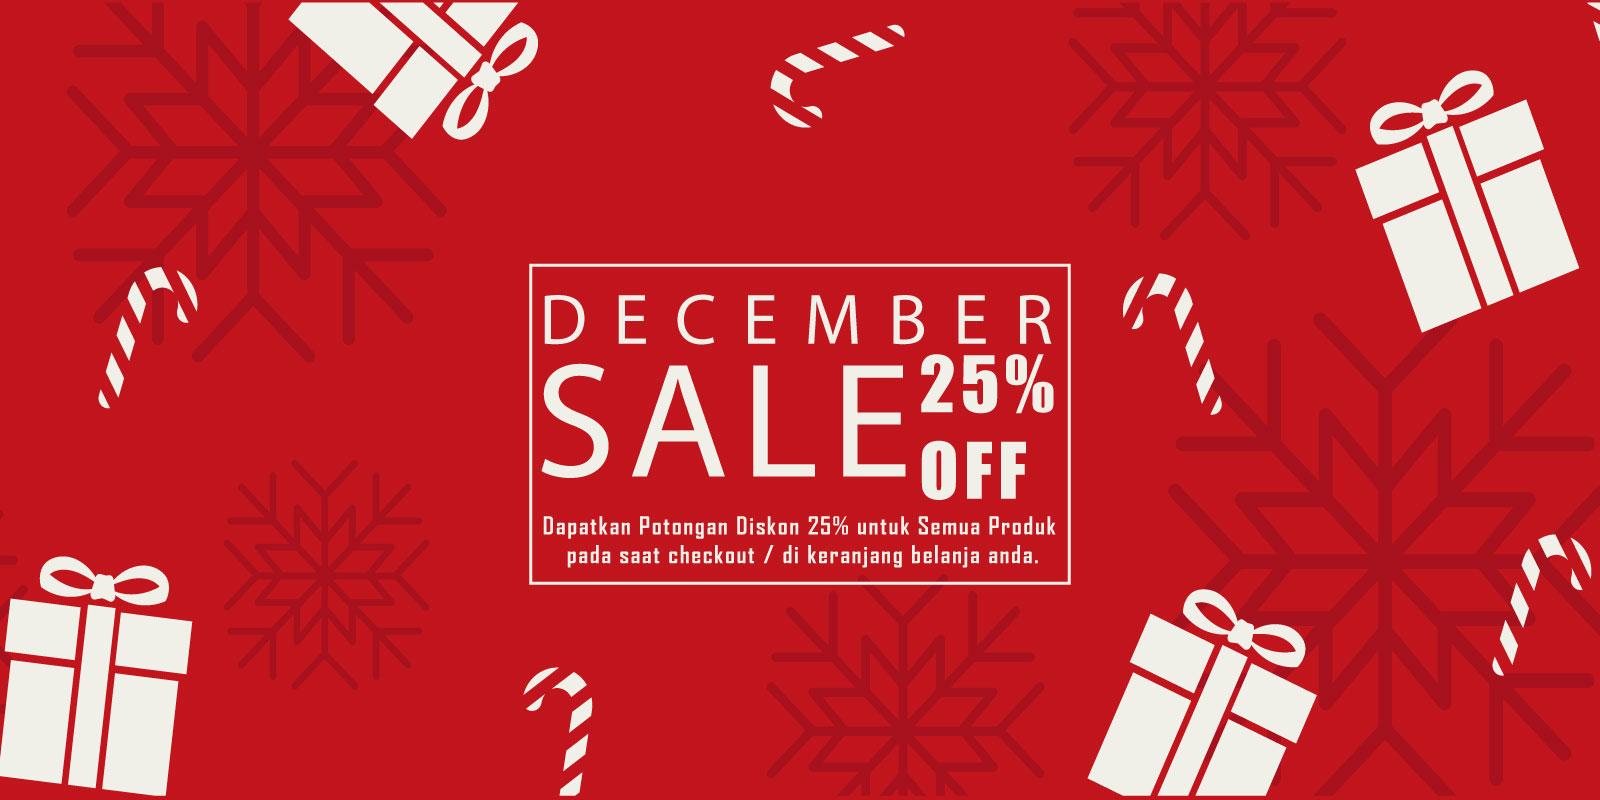 Promo December Sale Diskon 25% untuk semua produk.